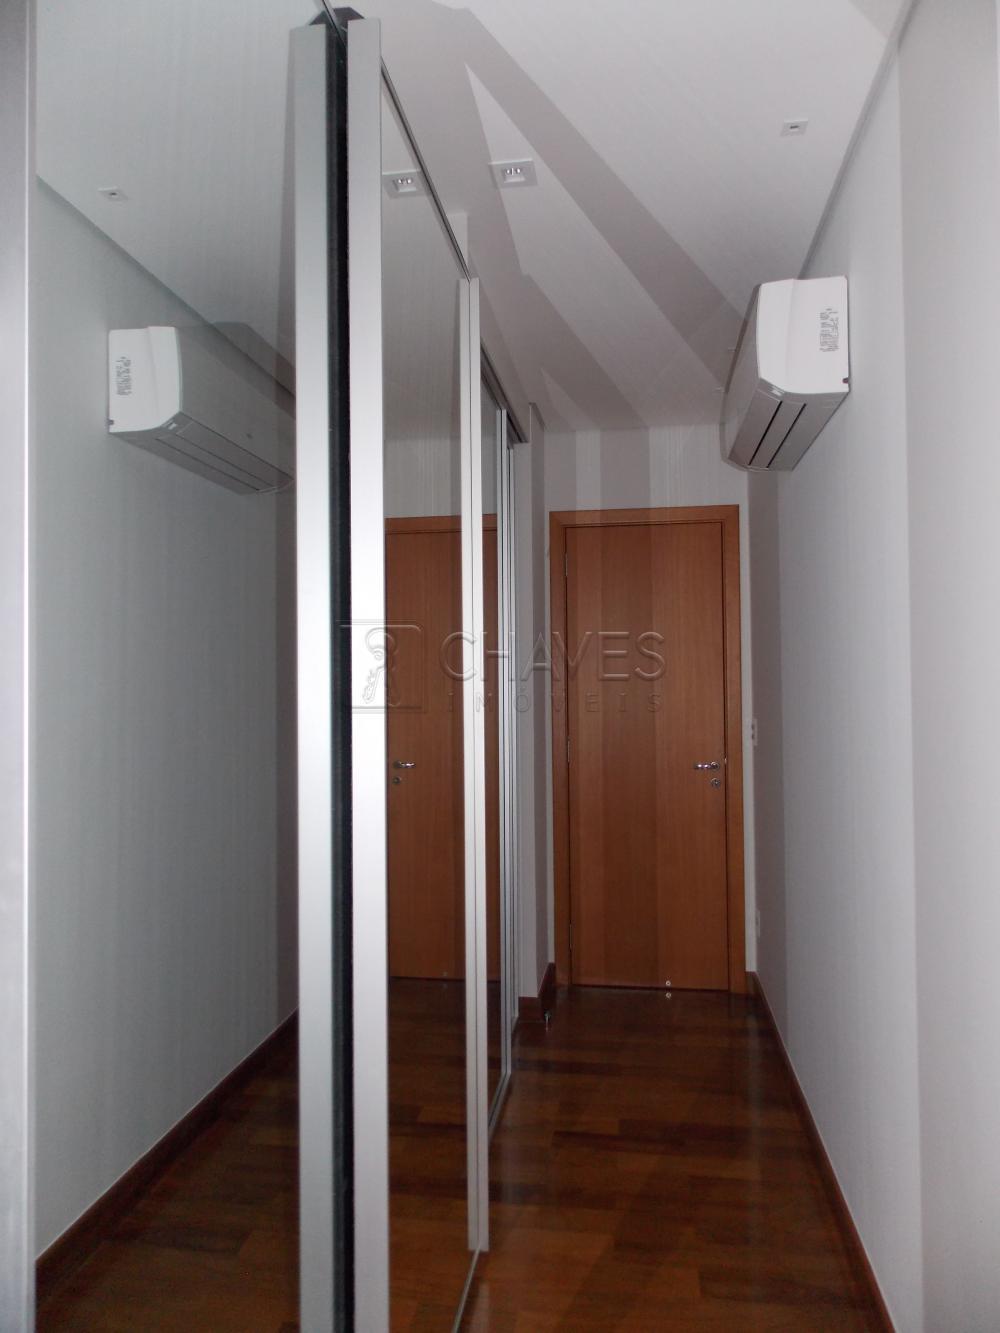 Comprar Apartamento / Cobertura em Ribeirão Preto apenas R$ 1.800.000,00 - Foto 13